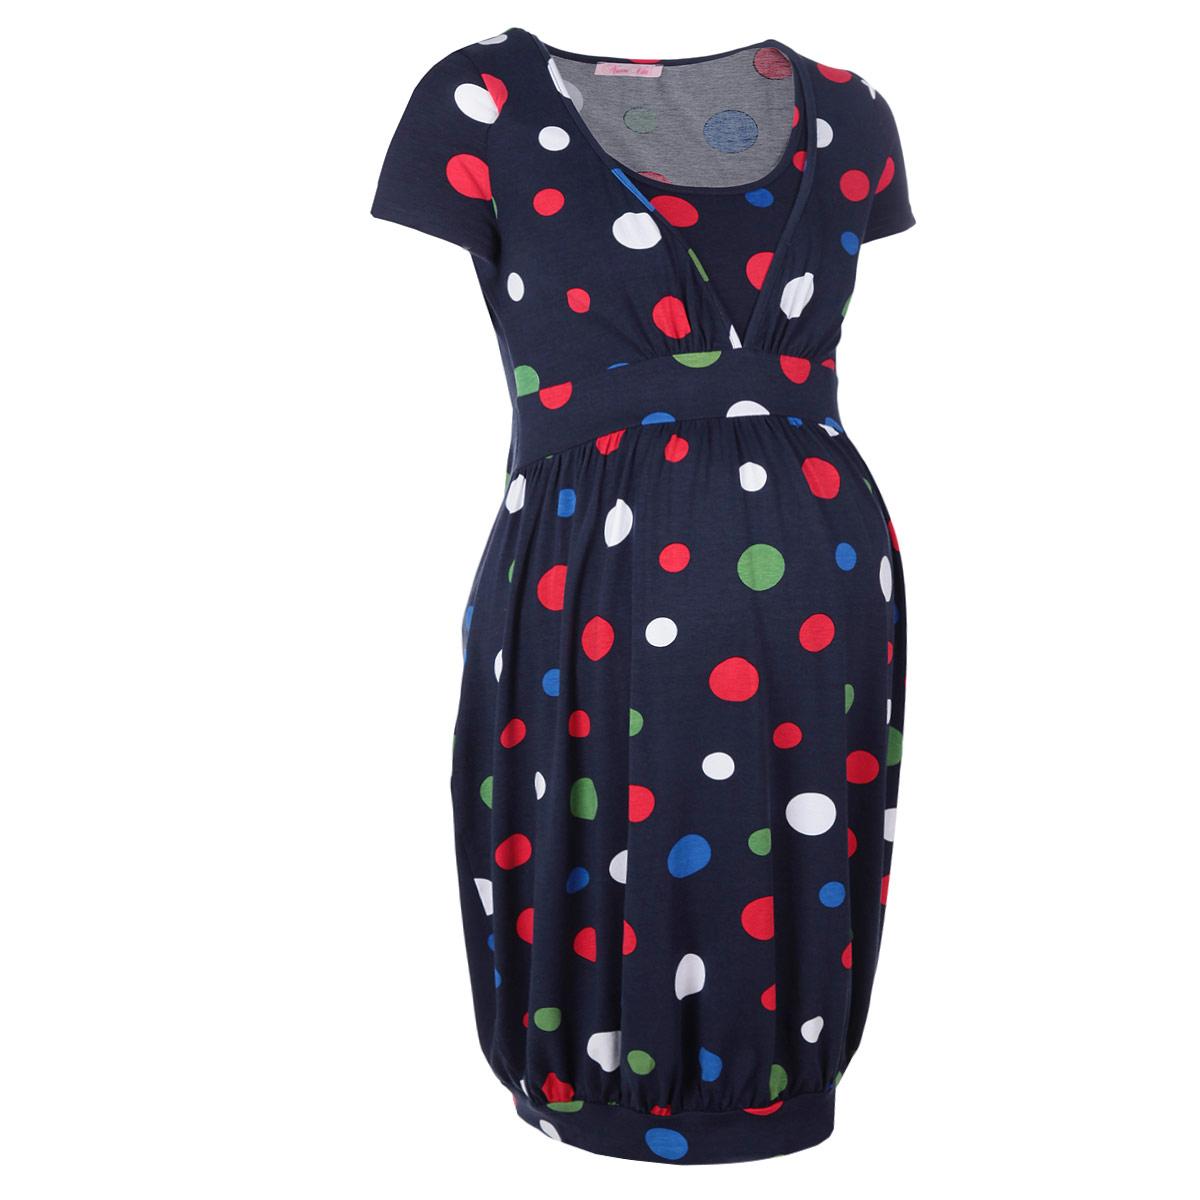 Платье для беременных и кормящих Nuova Vita, цвет: темно-синий. 2124.2. Размер 442124.2Стильное и удобное платье для будущих и кормящих мам Nuova Vita, изготовленное из эластичной вискозы, женственно и элегантно. Платье с короткими рукавами и круглым вырезом горловины подчеркнет очарование будущей мамы, а секрет для кормления сделает его функциональным в период вскармливания ребенка. Секрет кормления расположен по бокам и оформлен глубоким V-образным вырезом и дублирующим топом. Позволяет быстро и удобно покормить ребенка, где бы вы ни находились. Платье оформлено оригинальным принтом, подол дополнен широкой трикотажной резинкой. Это легкое и невероятно приятное на ощупь платье можно носить во время беременности и после родов, оно подарит вам удобство и комфорт, и подчеркнет ваше очарование в этот прекрасный период вашей жизни! Вискоза является волокном, произведенным из натурального материала - целлюлозы (древесины). Иногда ее называют древесный шелк. Эта ткань на ощупь мягкая и приятная, образует красивые складки. Материал очень хорошо впитывает влагу, не образует катышек со временем, не выцветает на солнце и обладает приятным шелковистым блеском.